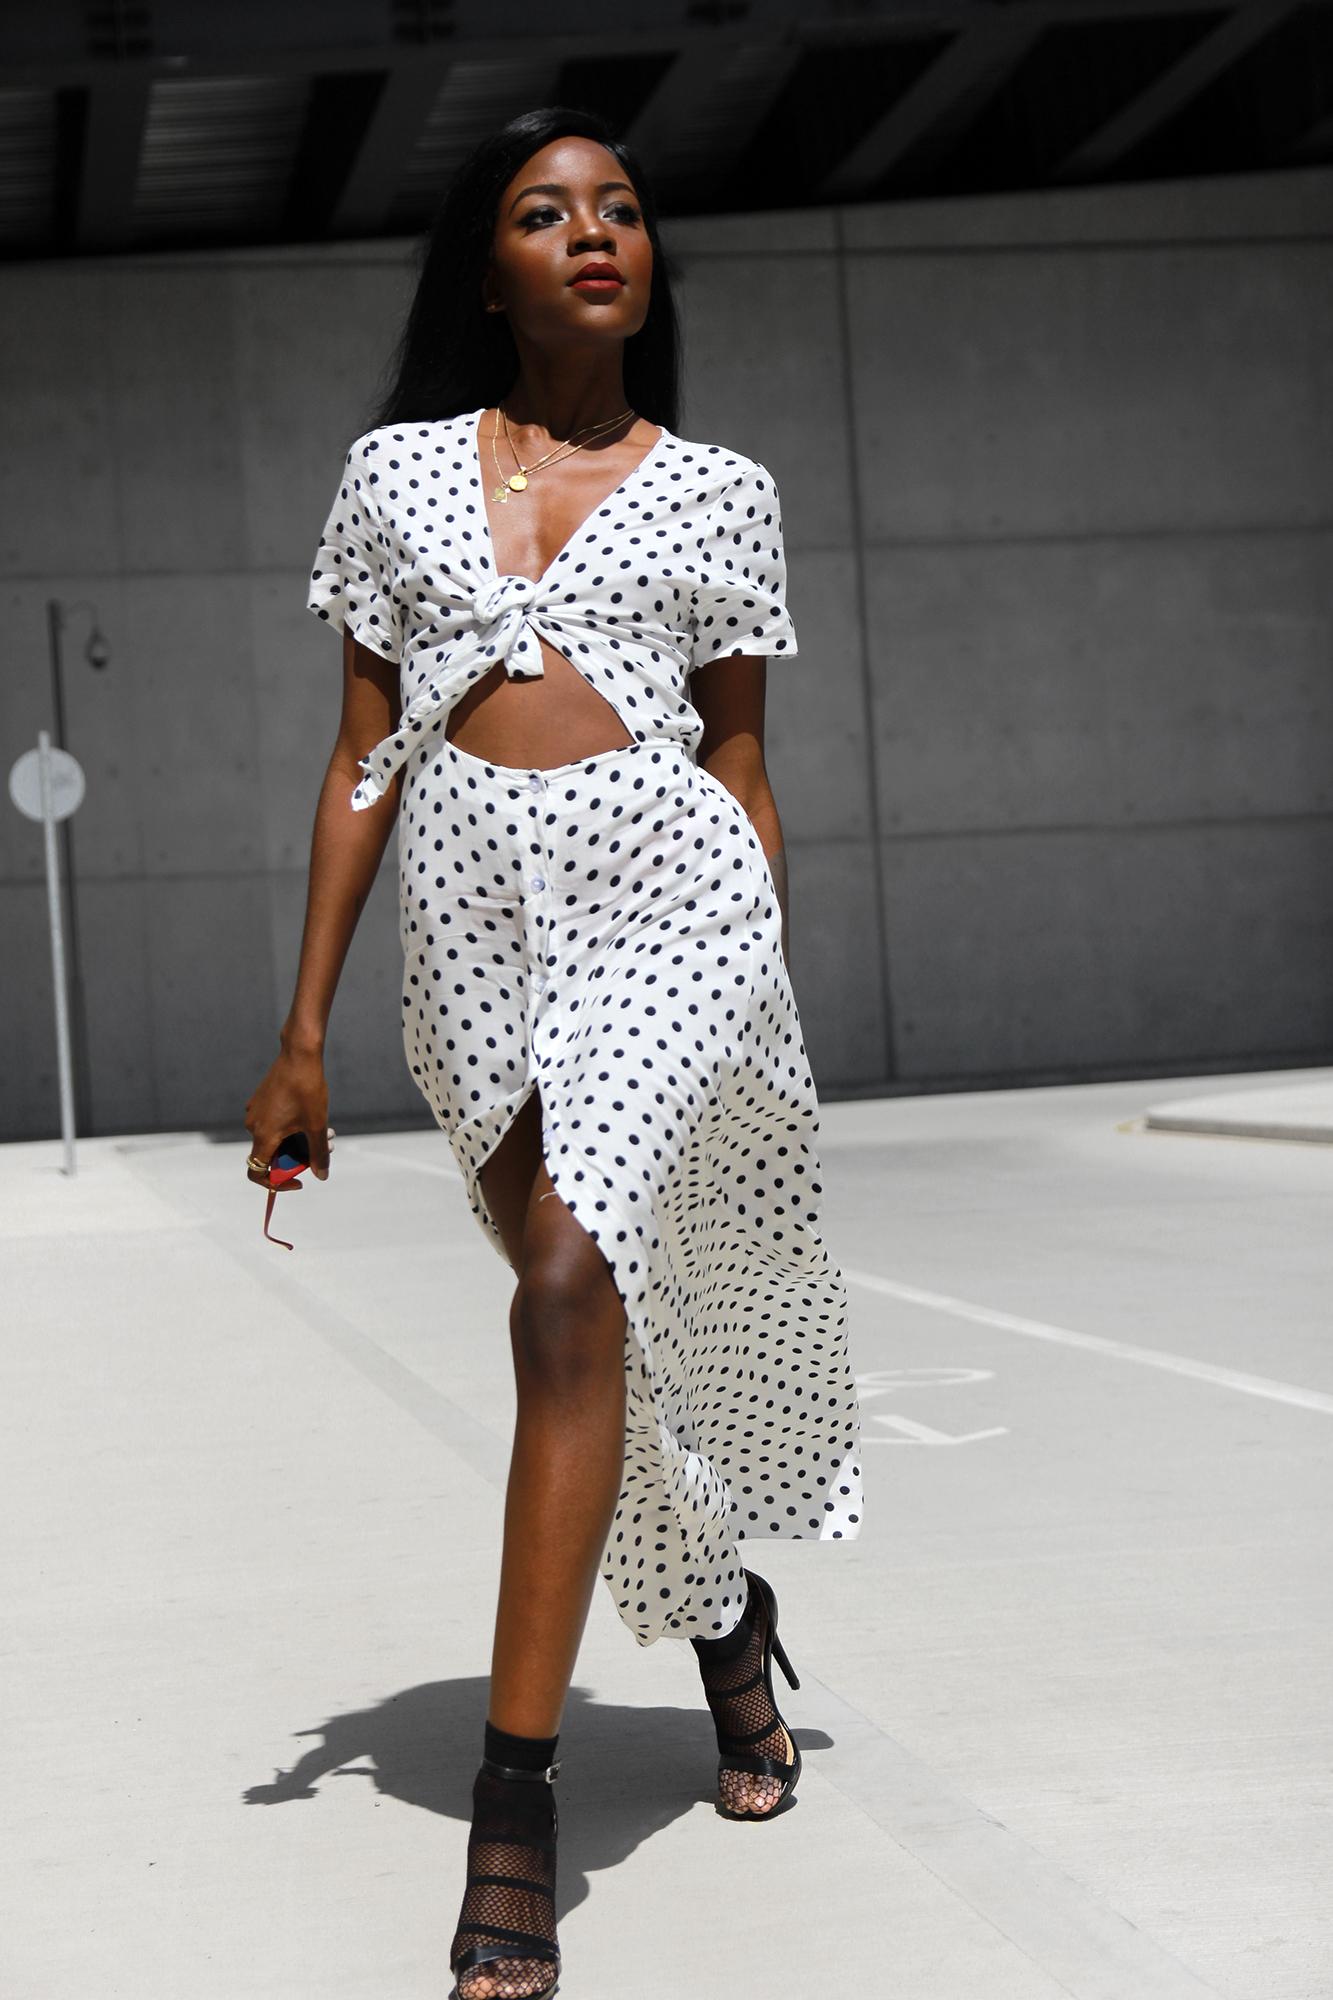 white-polka-dot-dress